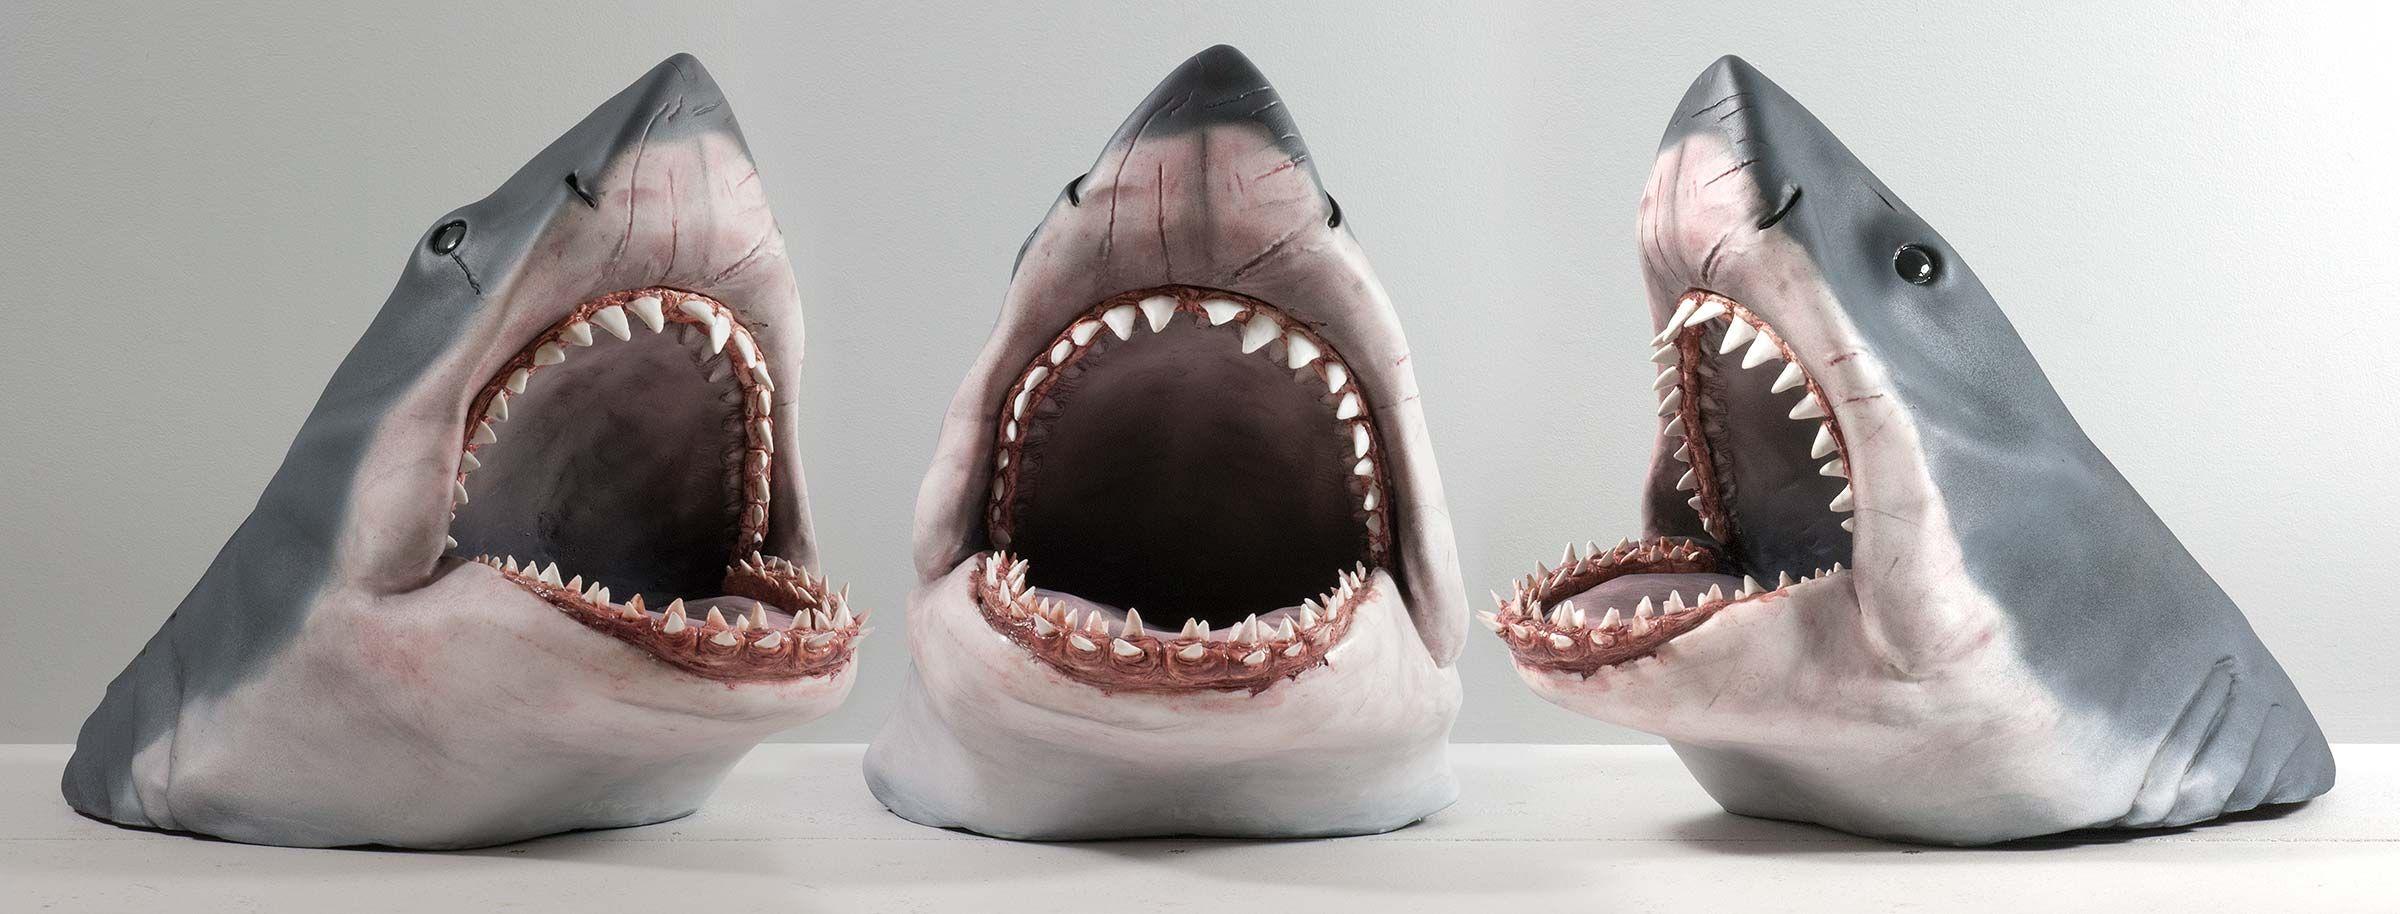 Смешные картинки про челюсть, сумерками надписями